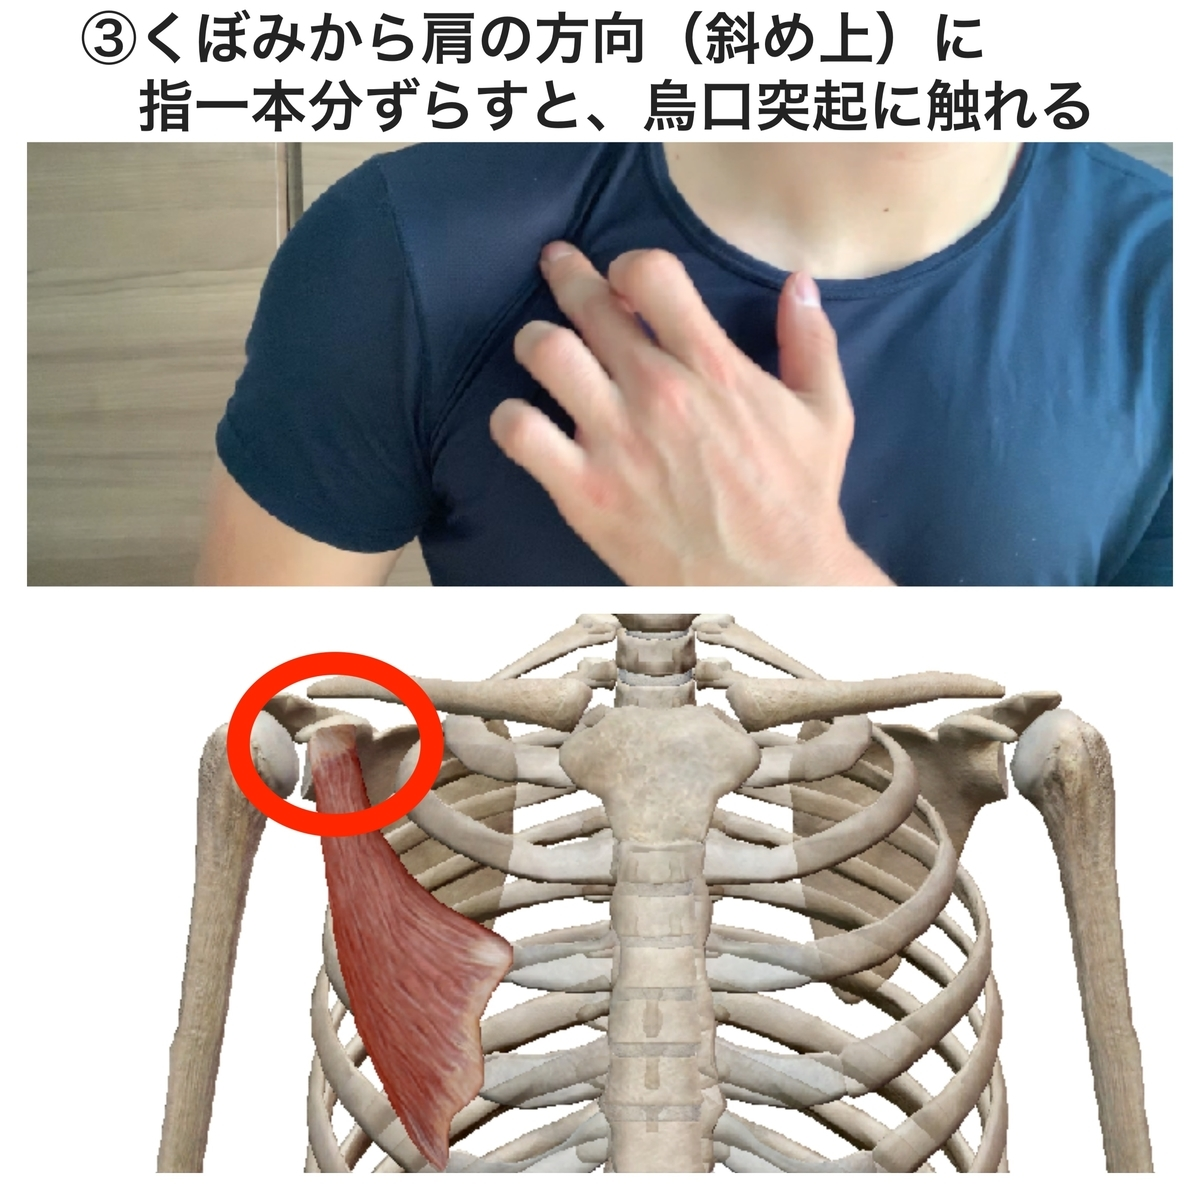 f:id:health--life:20190524145855j:plain